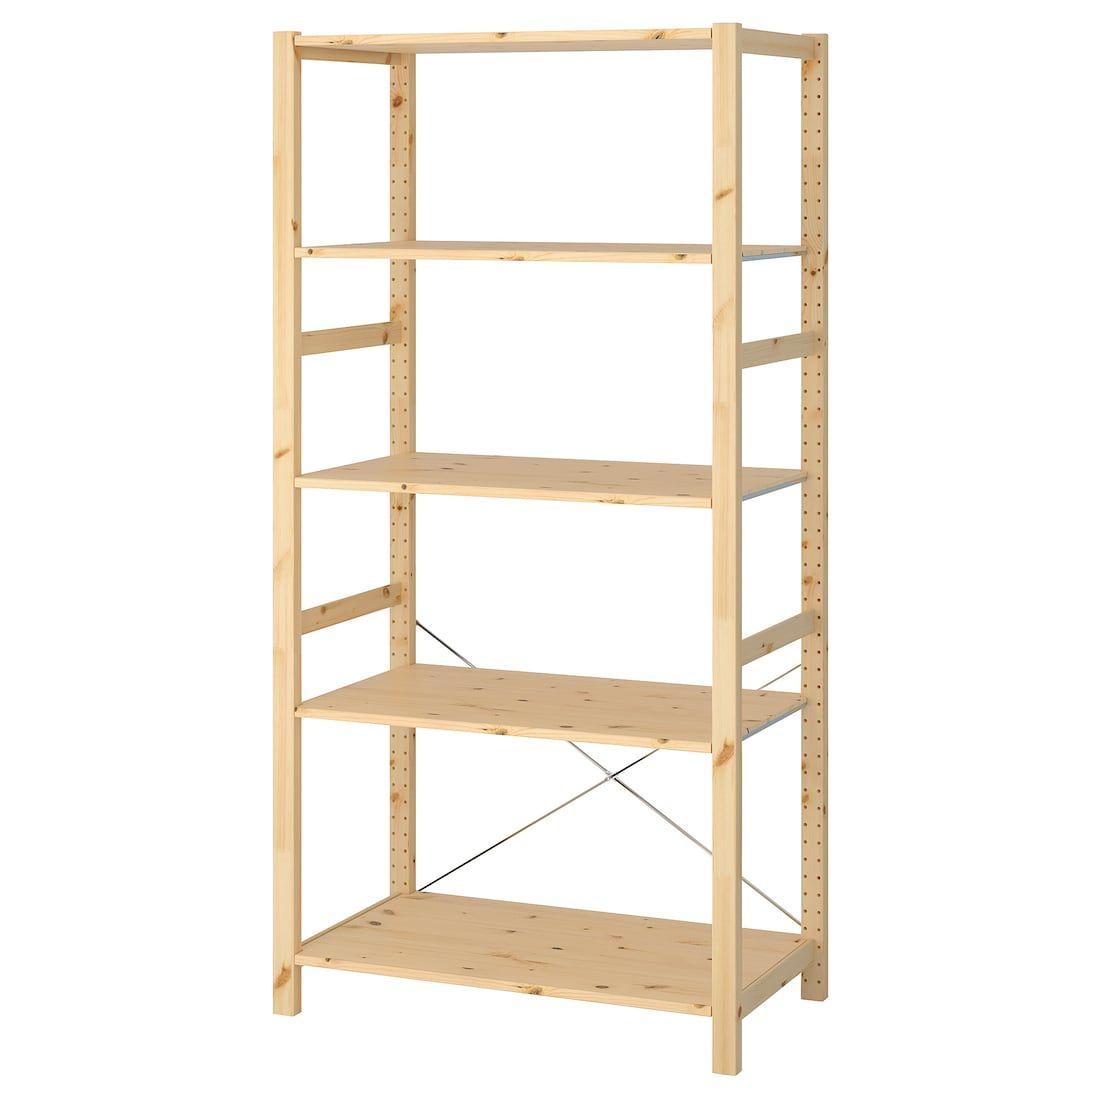 Ivar Shelf Unit Pine Width 35 Height 70 1 2 Add To Cart Ikea In 2020 Shelving Unit Ikea Ivar Shelving